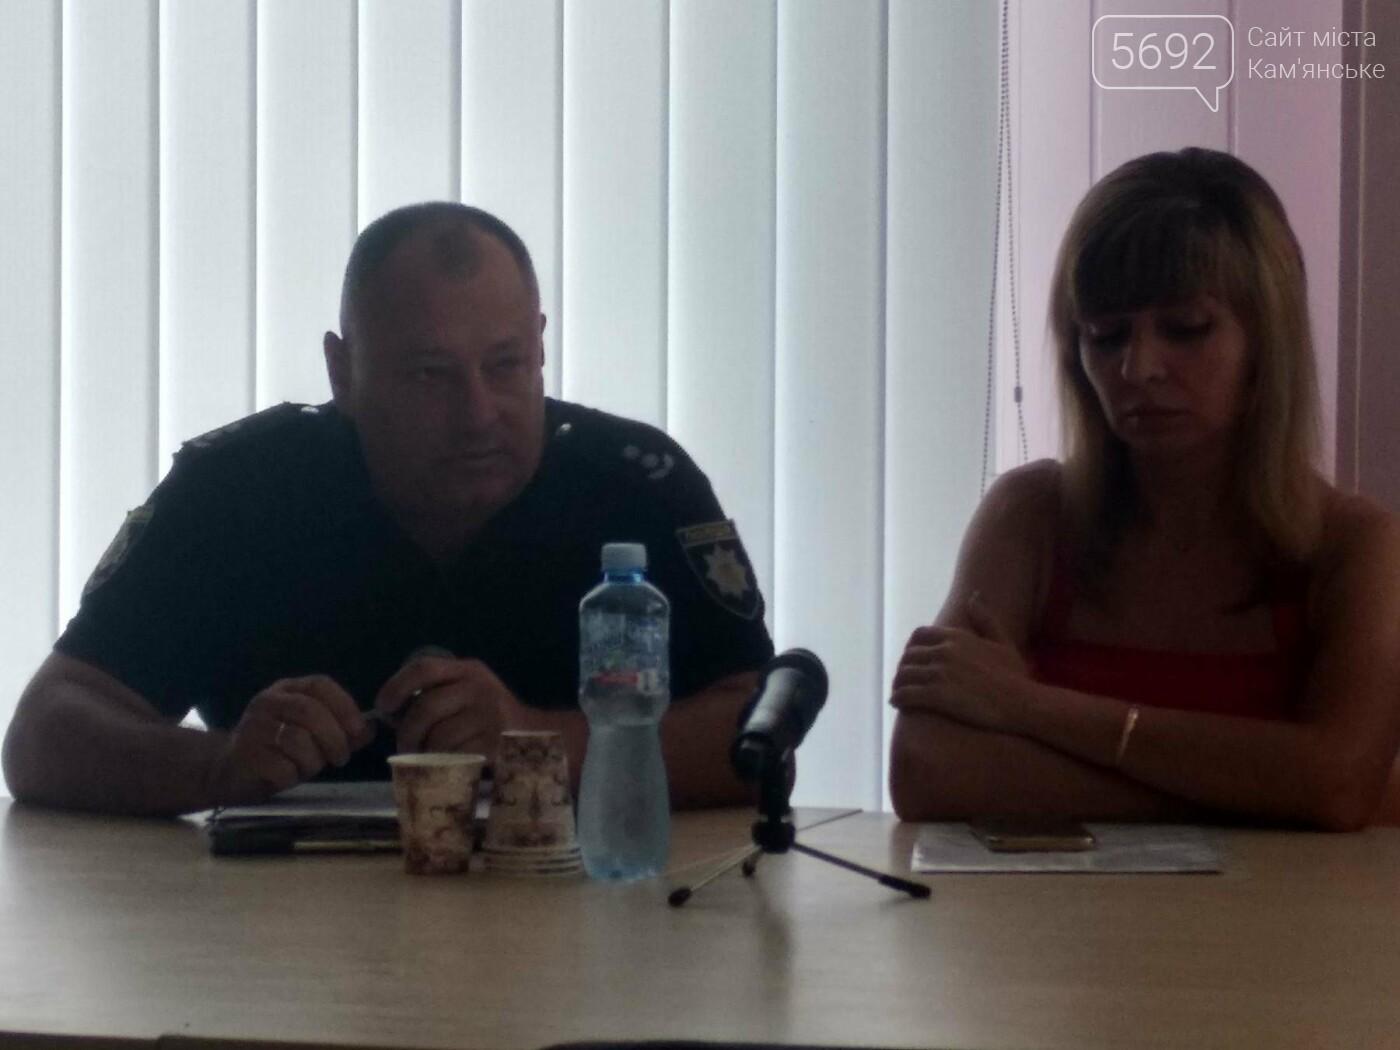 Постоянные ДТП в Каменском: в бибиотеке прошел круглый стол активистов совместно с полицией, фото-1